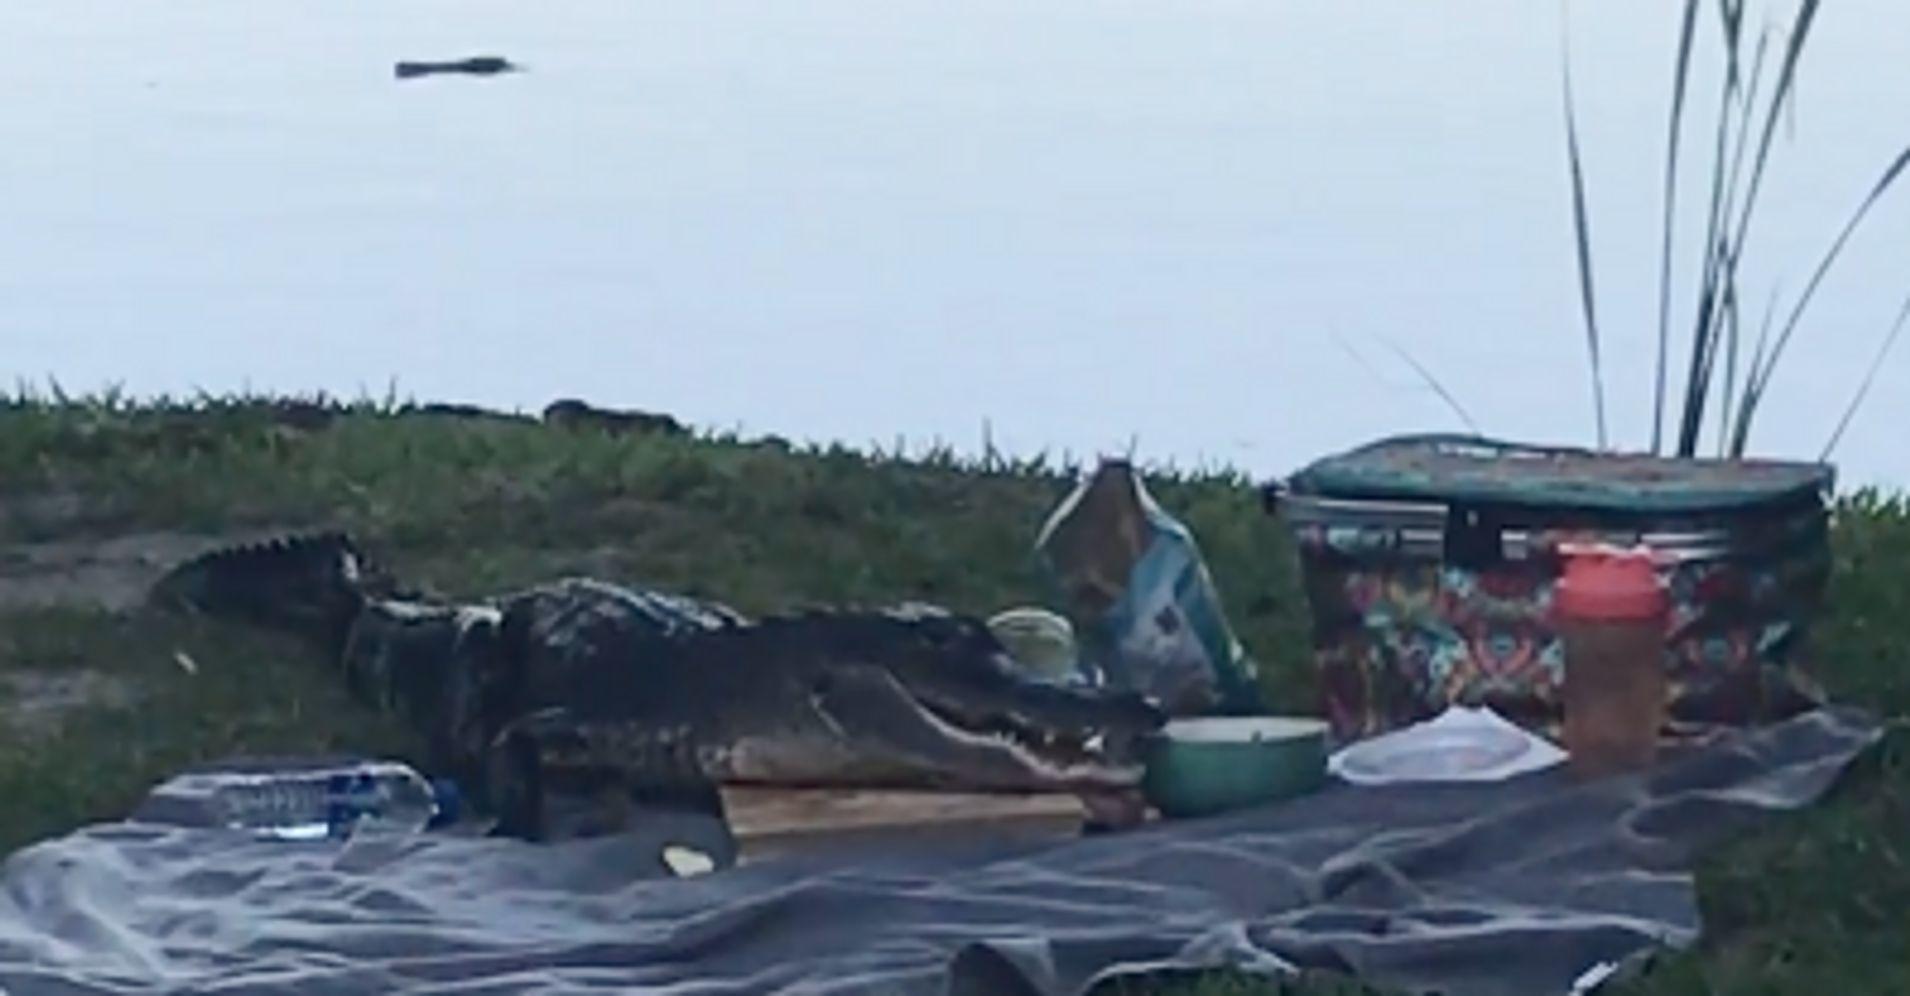 Cặp đôi đang đi picnic thì bị cá sấu đến hăm doạ, trấn lột hết sạch đồ ăn - Ảnh 1.